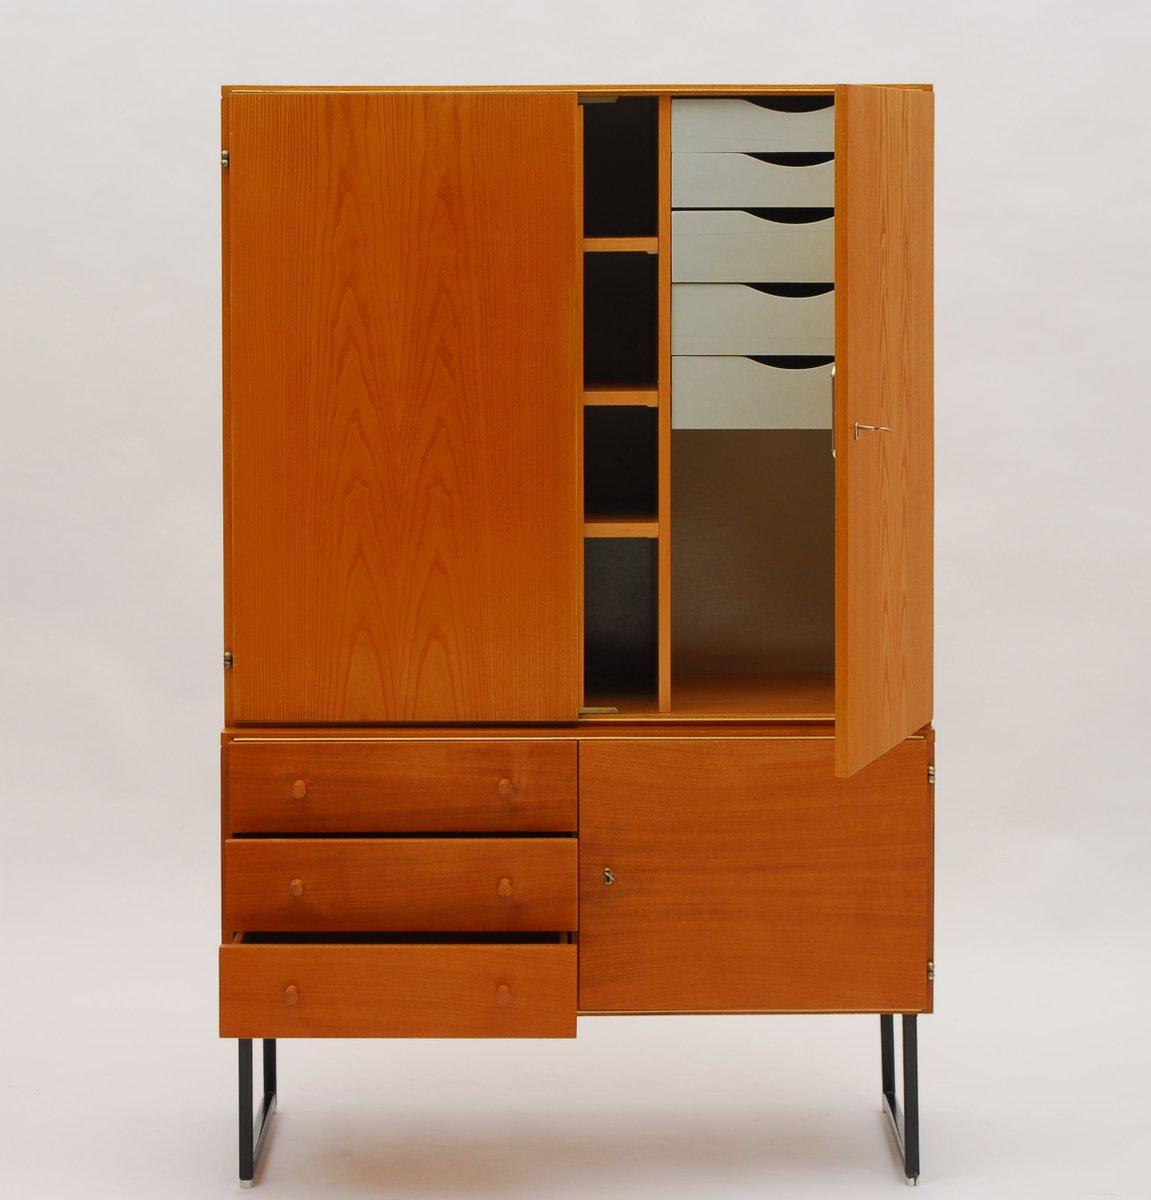 vintage wooden highboard by interier praha 1965 for sale at pamono. Black Bedroom Furniture Sets. Home Design Ideas